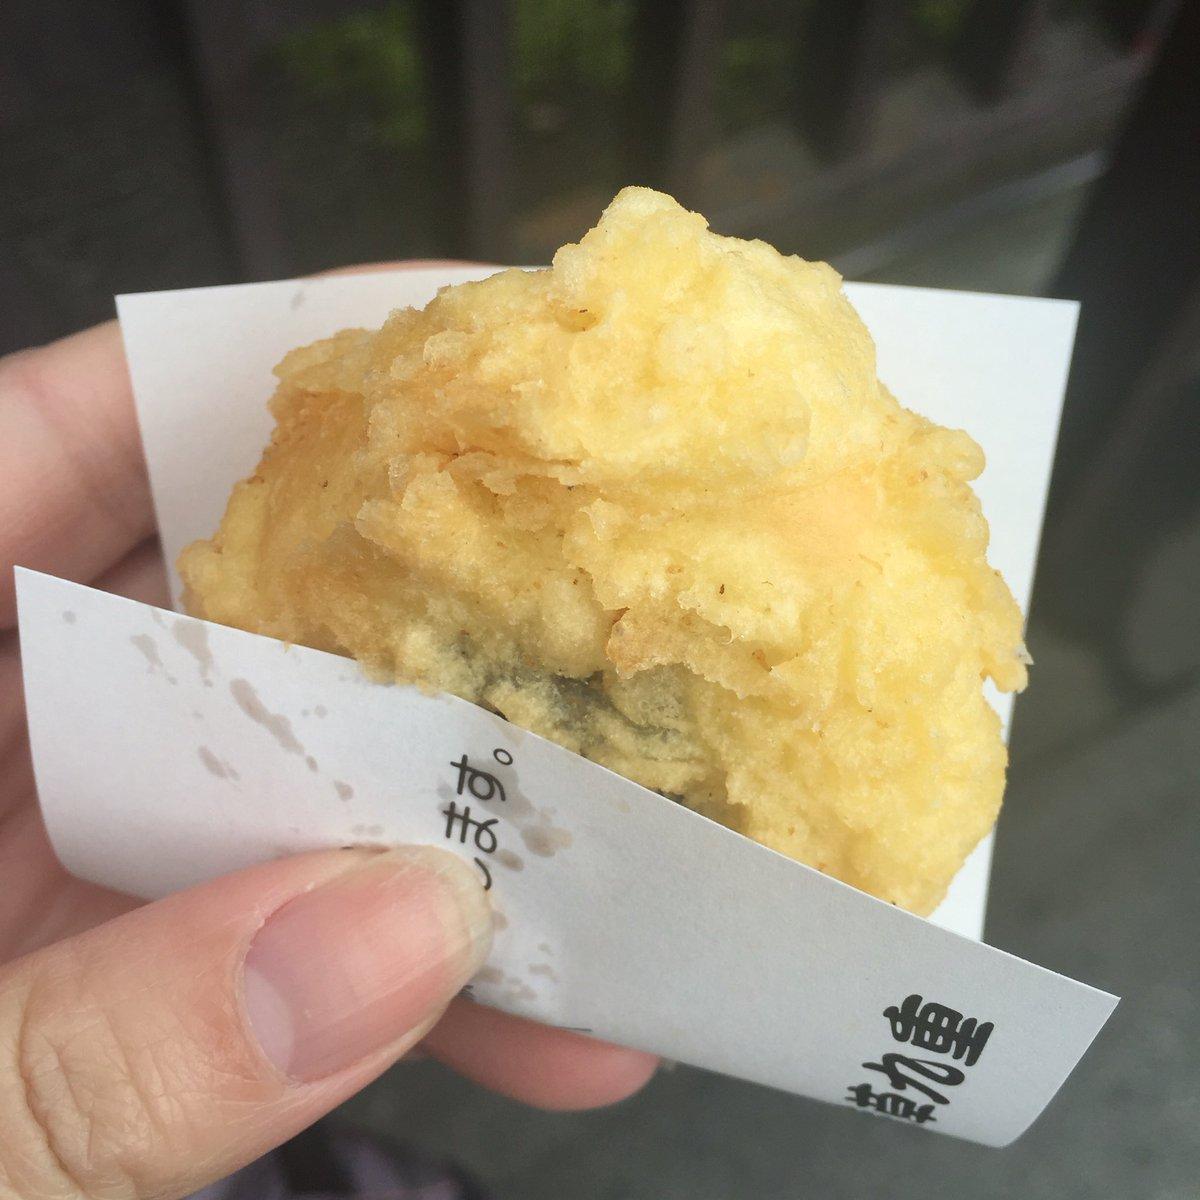 あげまんじゅう、ぬれおかき串、浅草メンチ、ジャンボめろんぱん、人形焼を食べました( ˘ω˘ ) https://t.co/OalzP9fYXQ